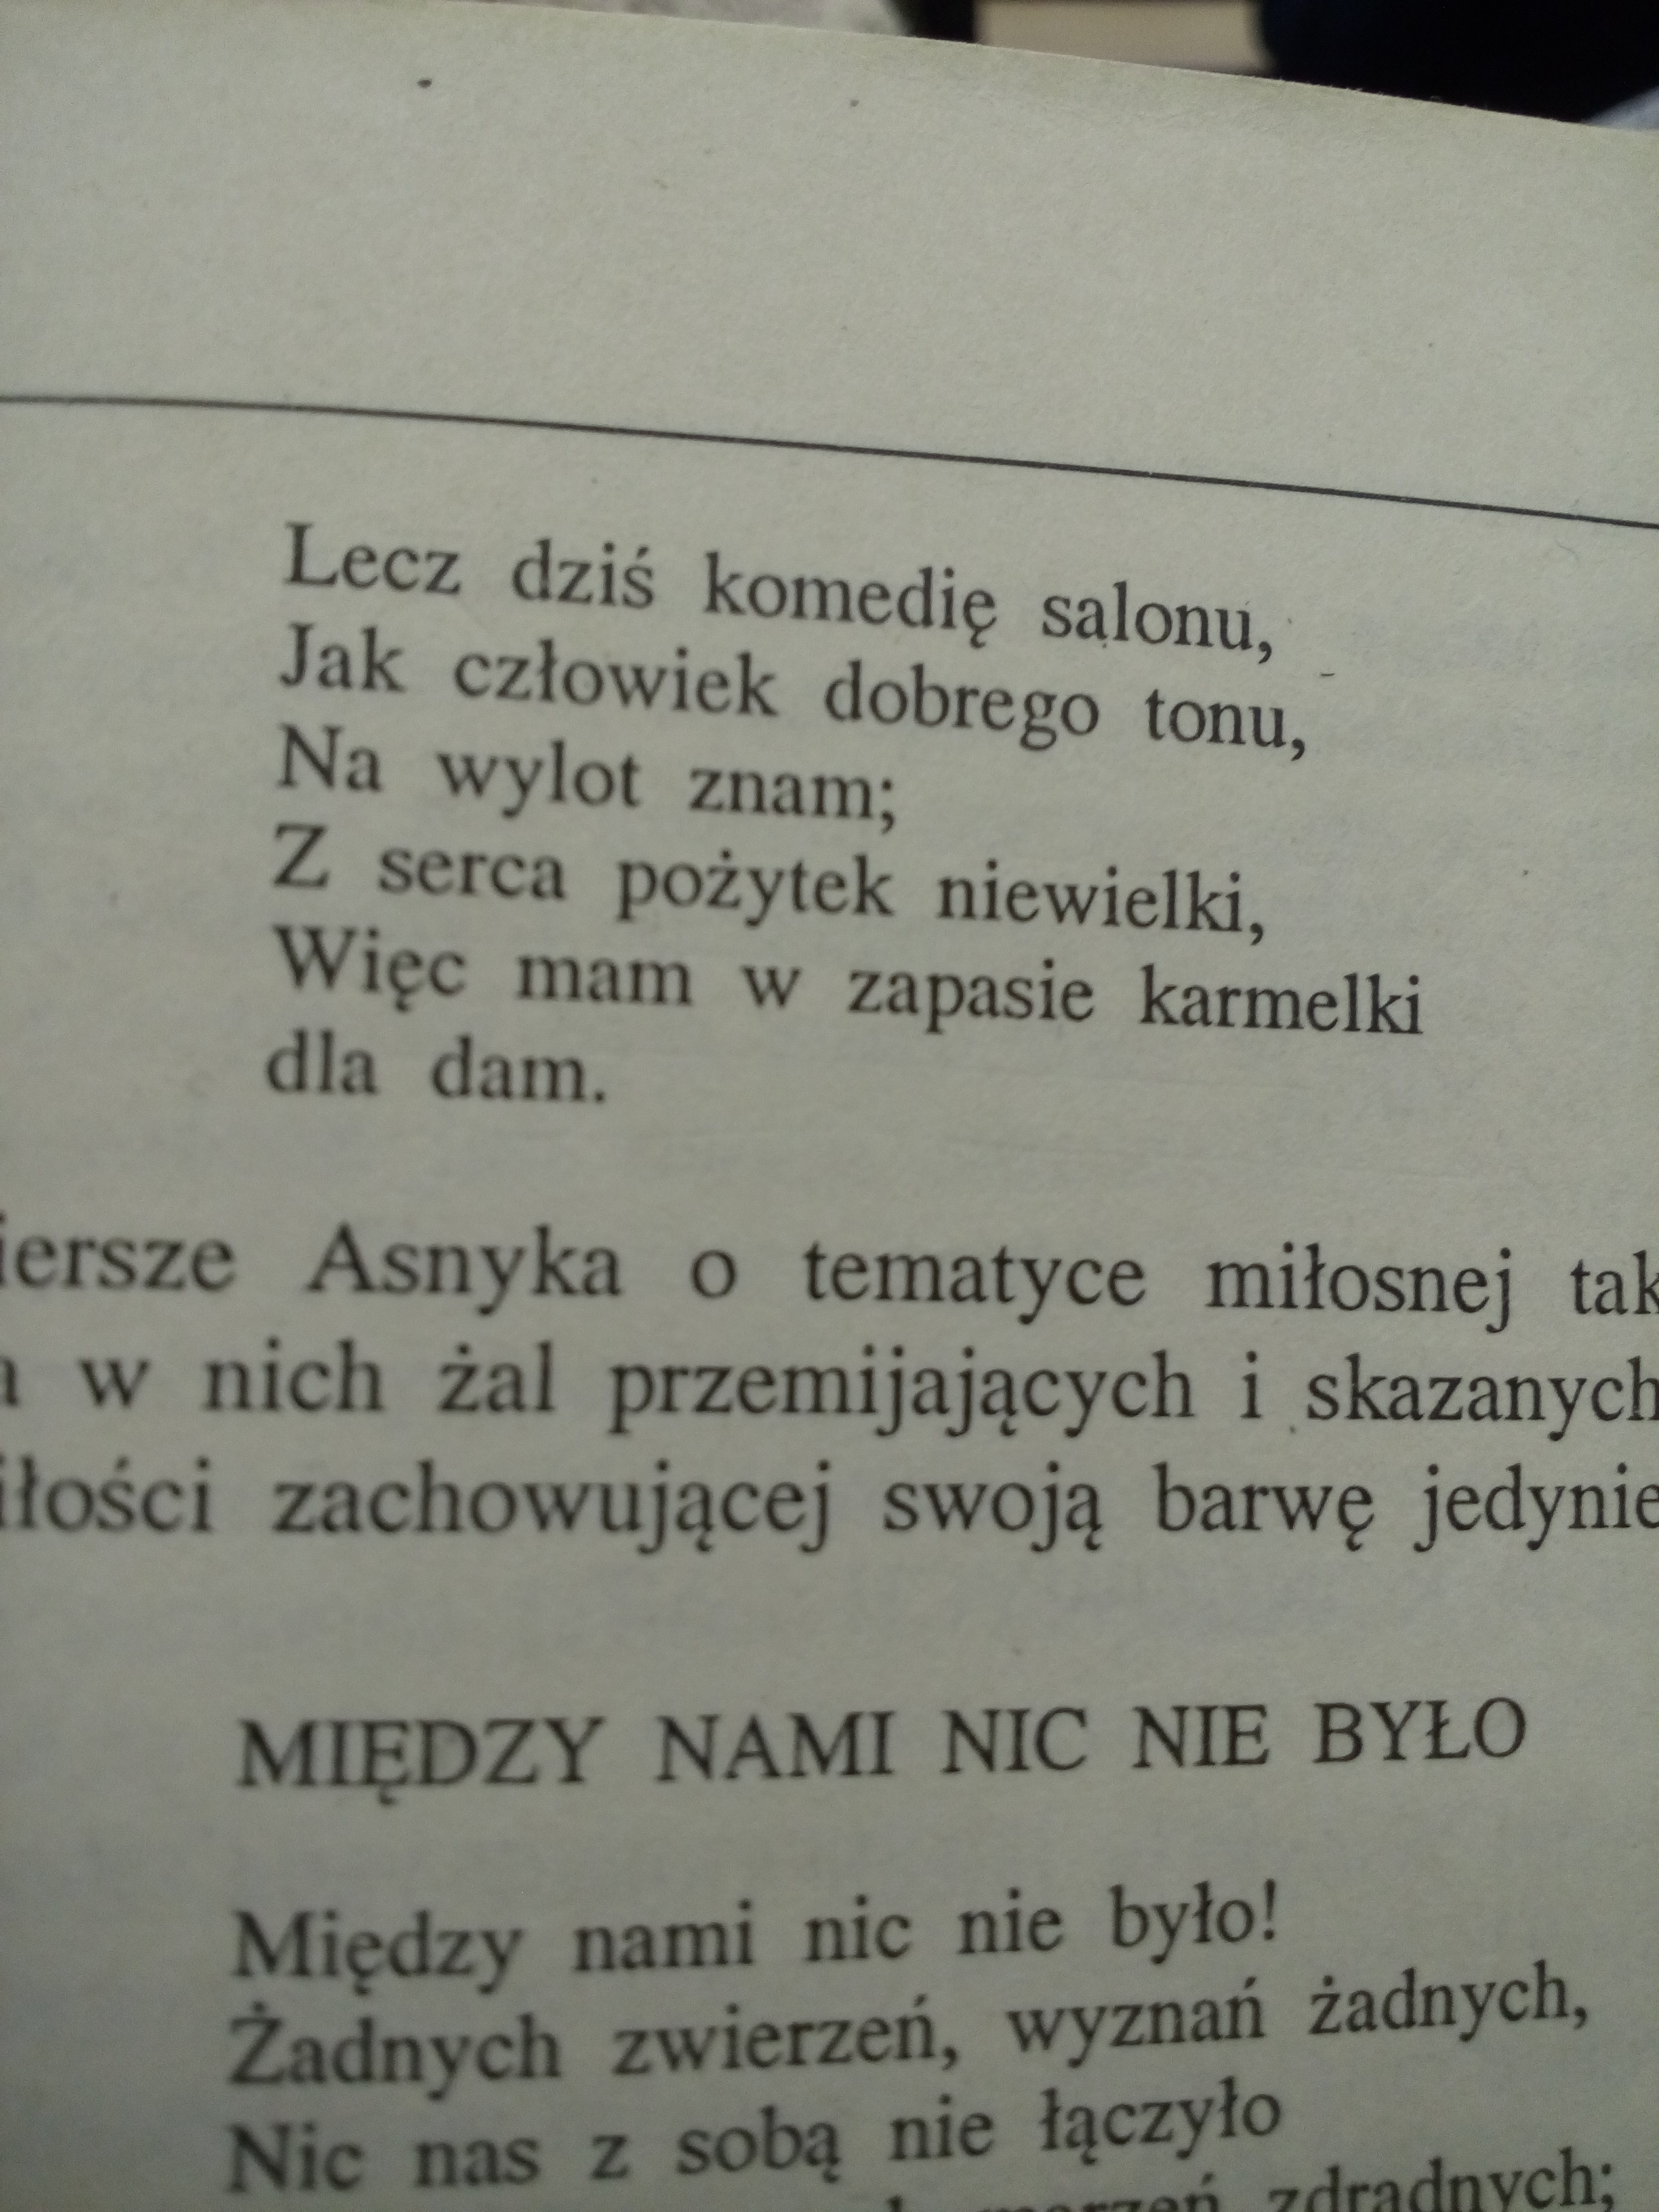 Prosze Pomuc O Z Interpretowac Wiersz Karamelkowy Wiersz